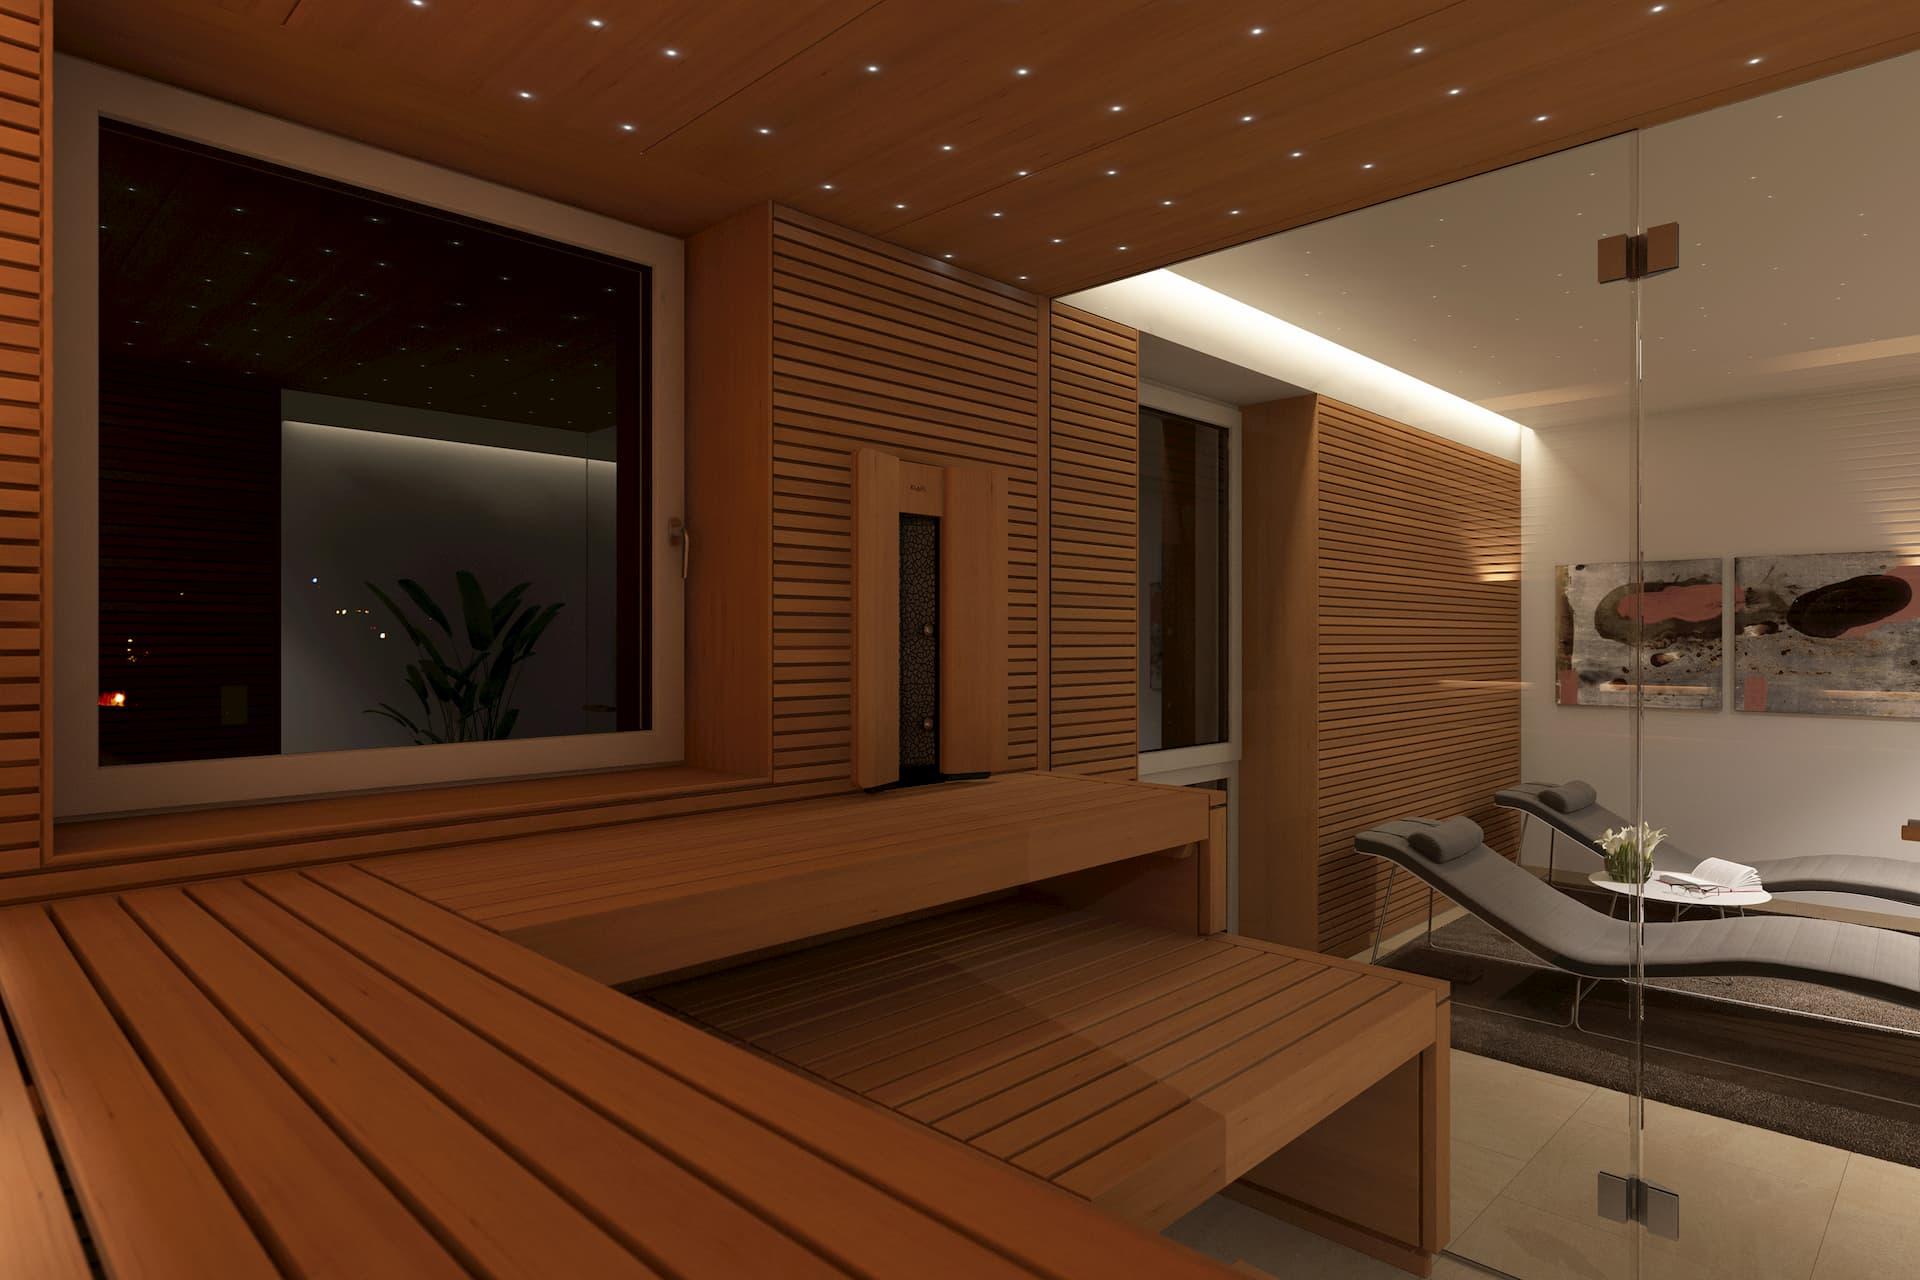 Privater Wellnessbereich mit Blick aus der Sauna